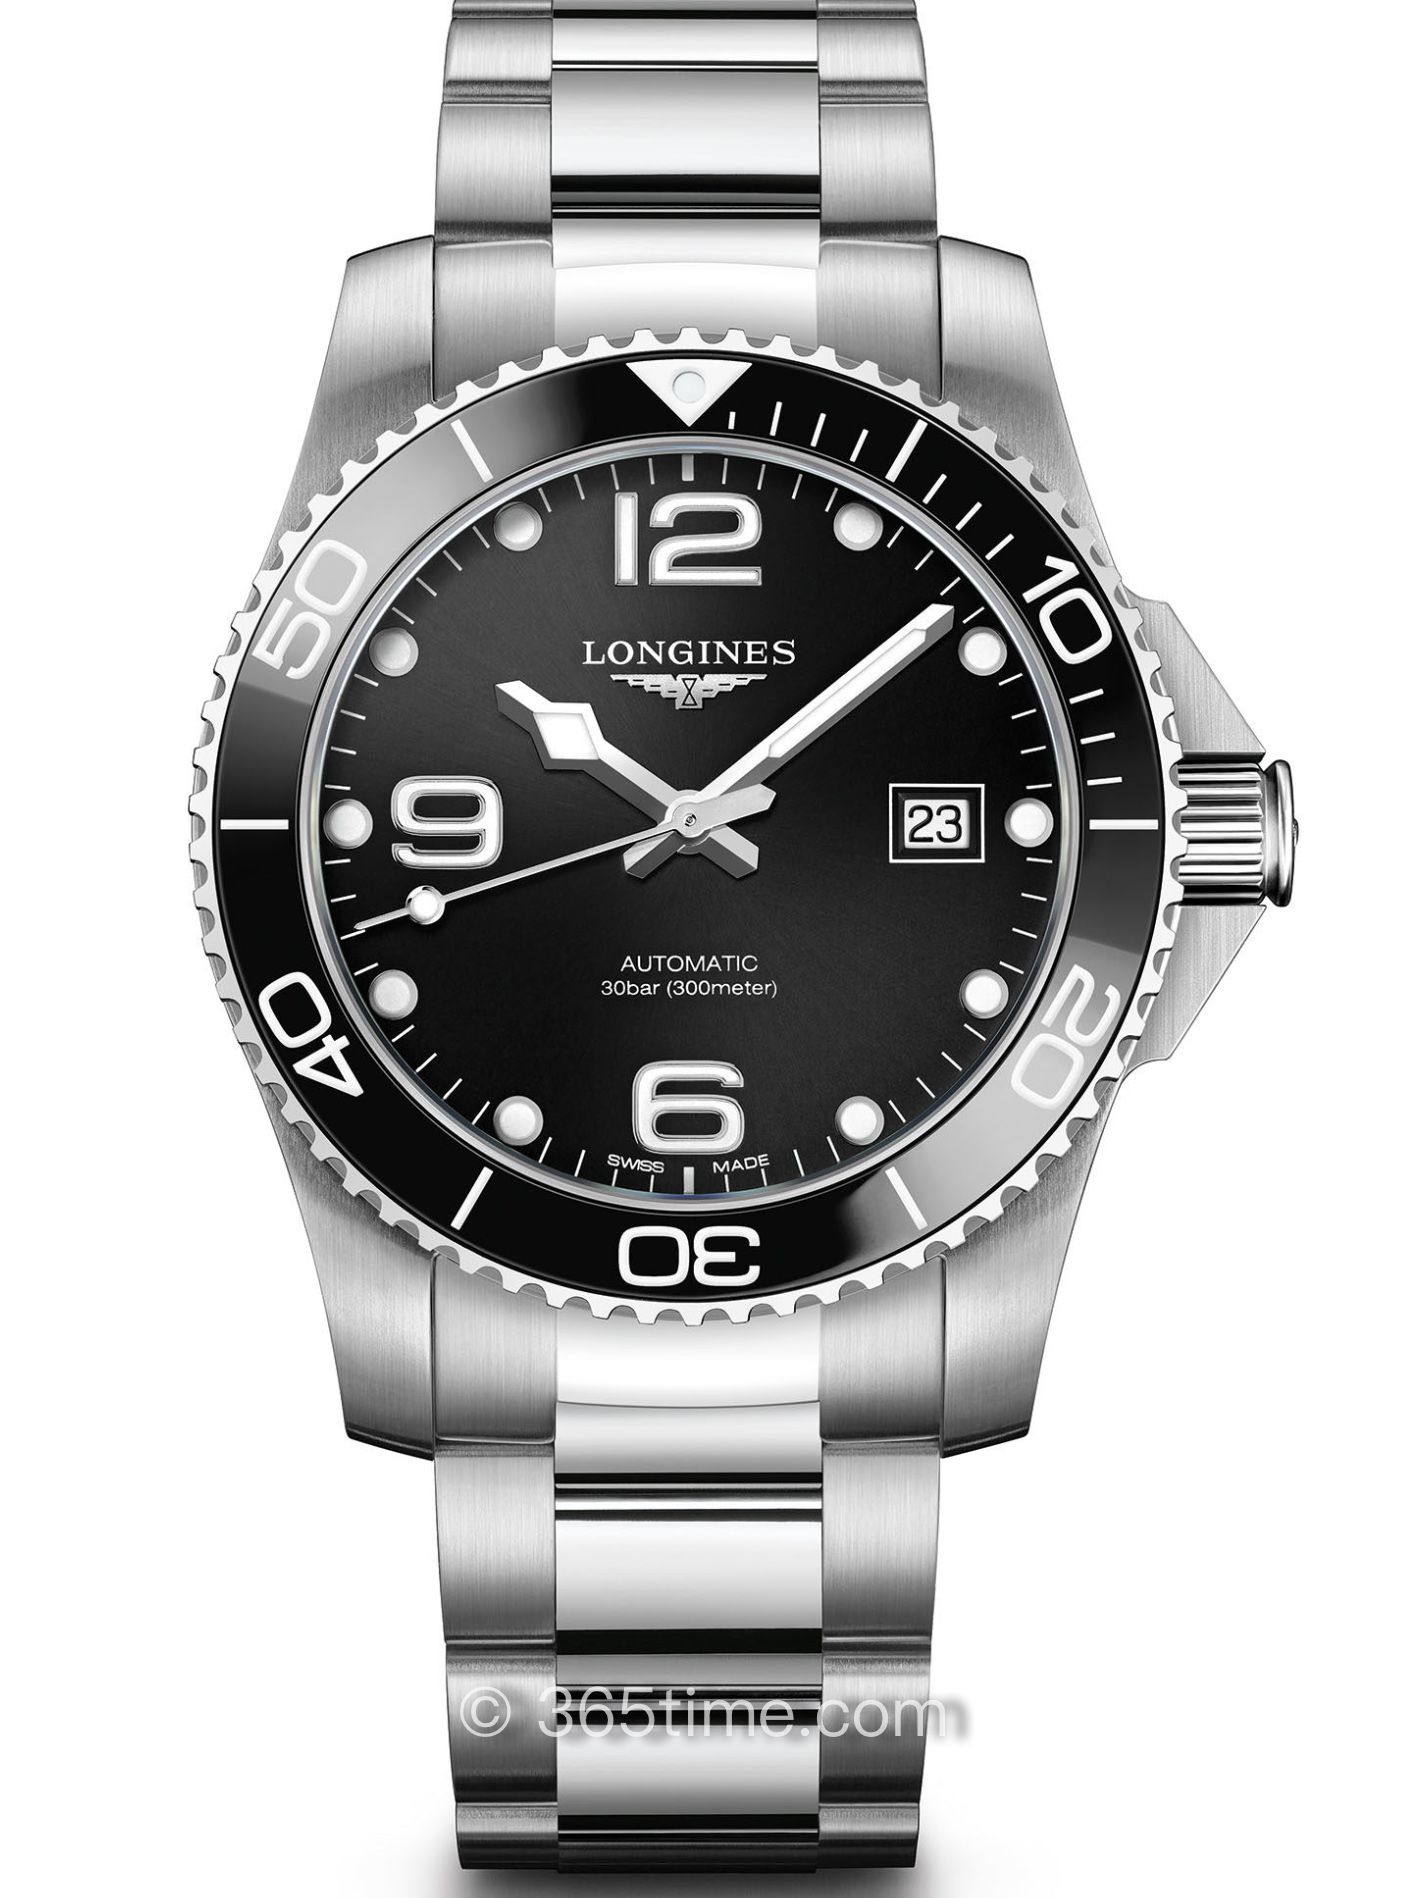 浪琴康卡斯系列自动机械潜水表L3.781.4.56.6